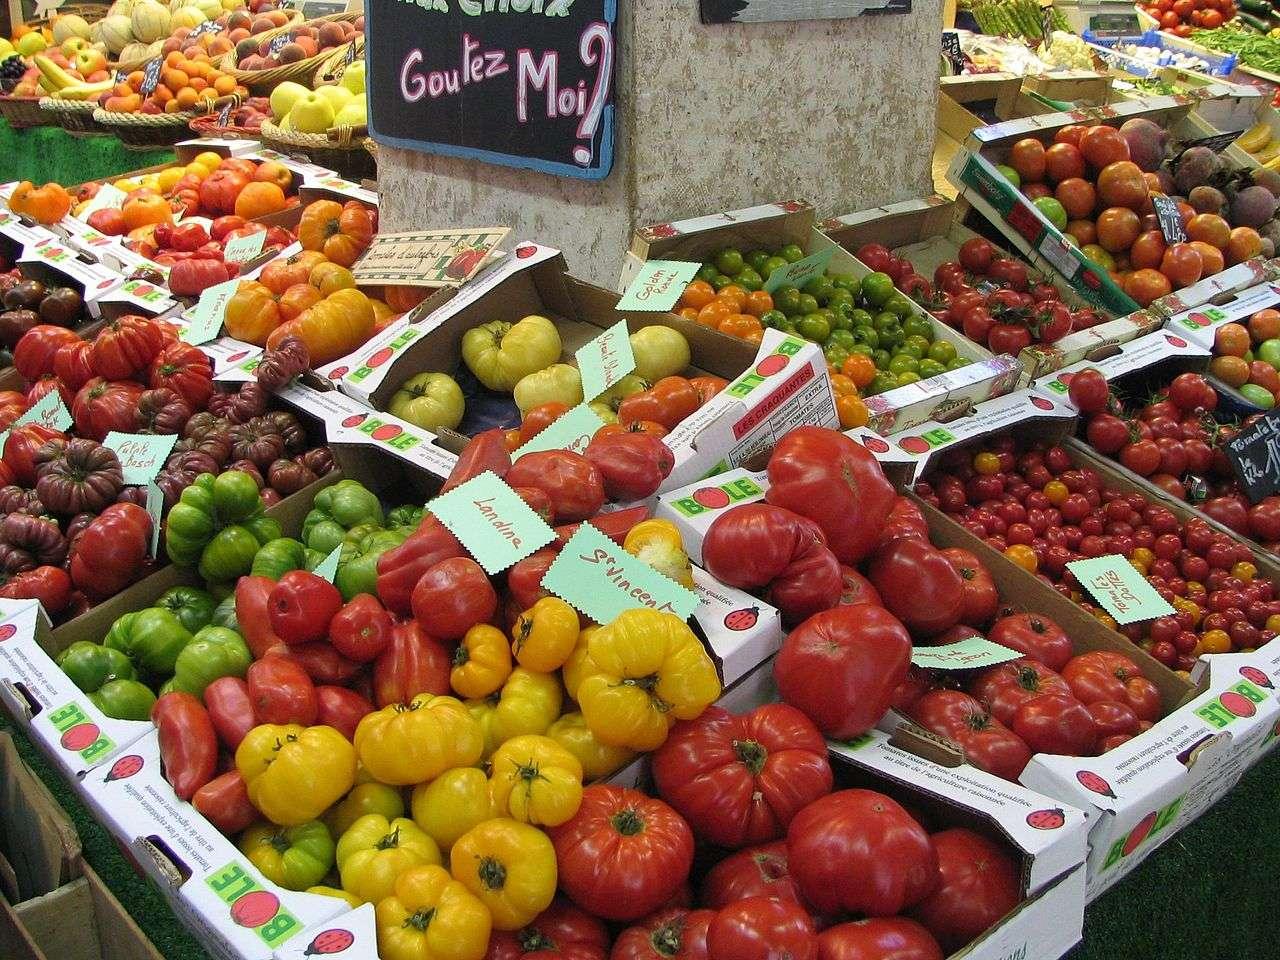 Comme le montre cette photo, il existe une grande variété de tomates. FW13, créée par hybridation après plusieurs années de recherche par Syngenta, s'ajoute à la liste, mais elle fera figure d'originale avec sa couleur jaune et son aspect de fruit confit. © cc by 3.0, Wikipédia